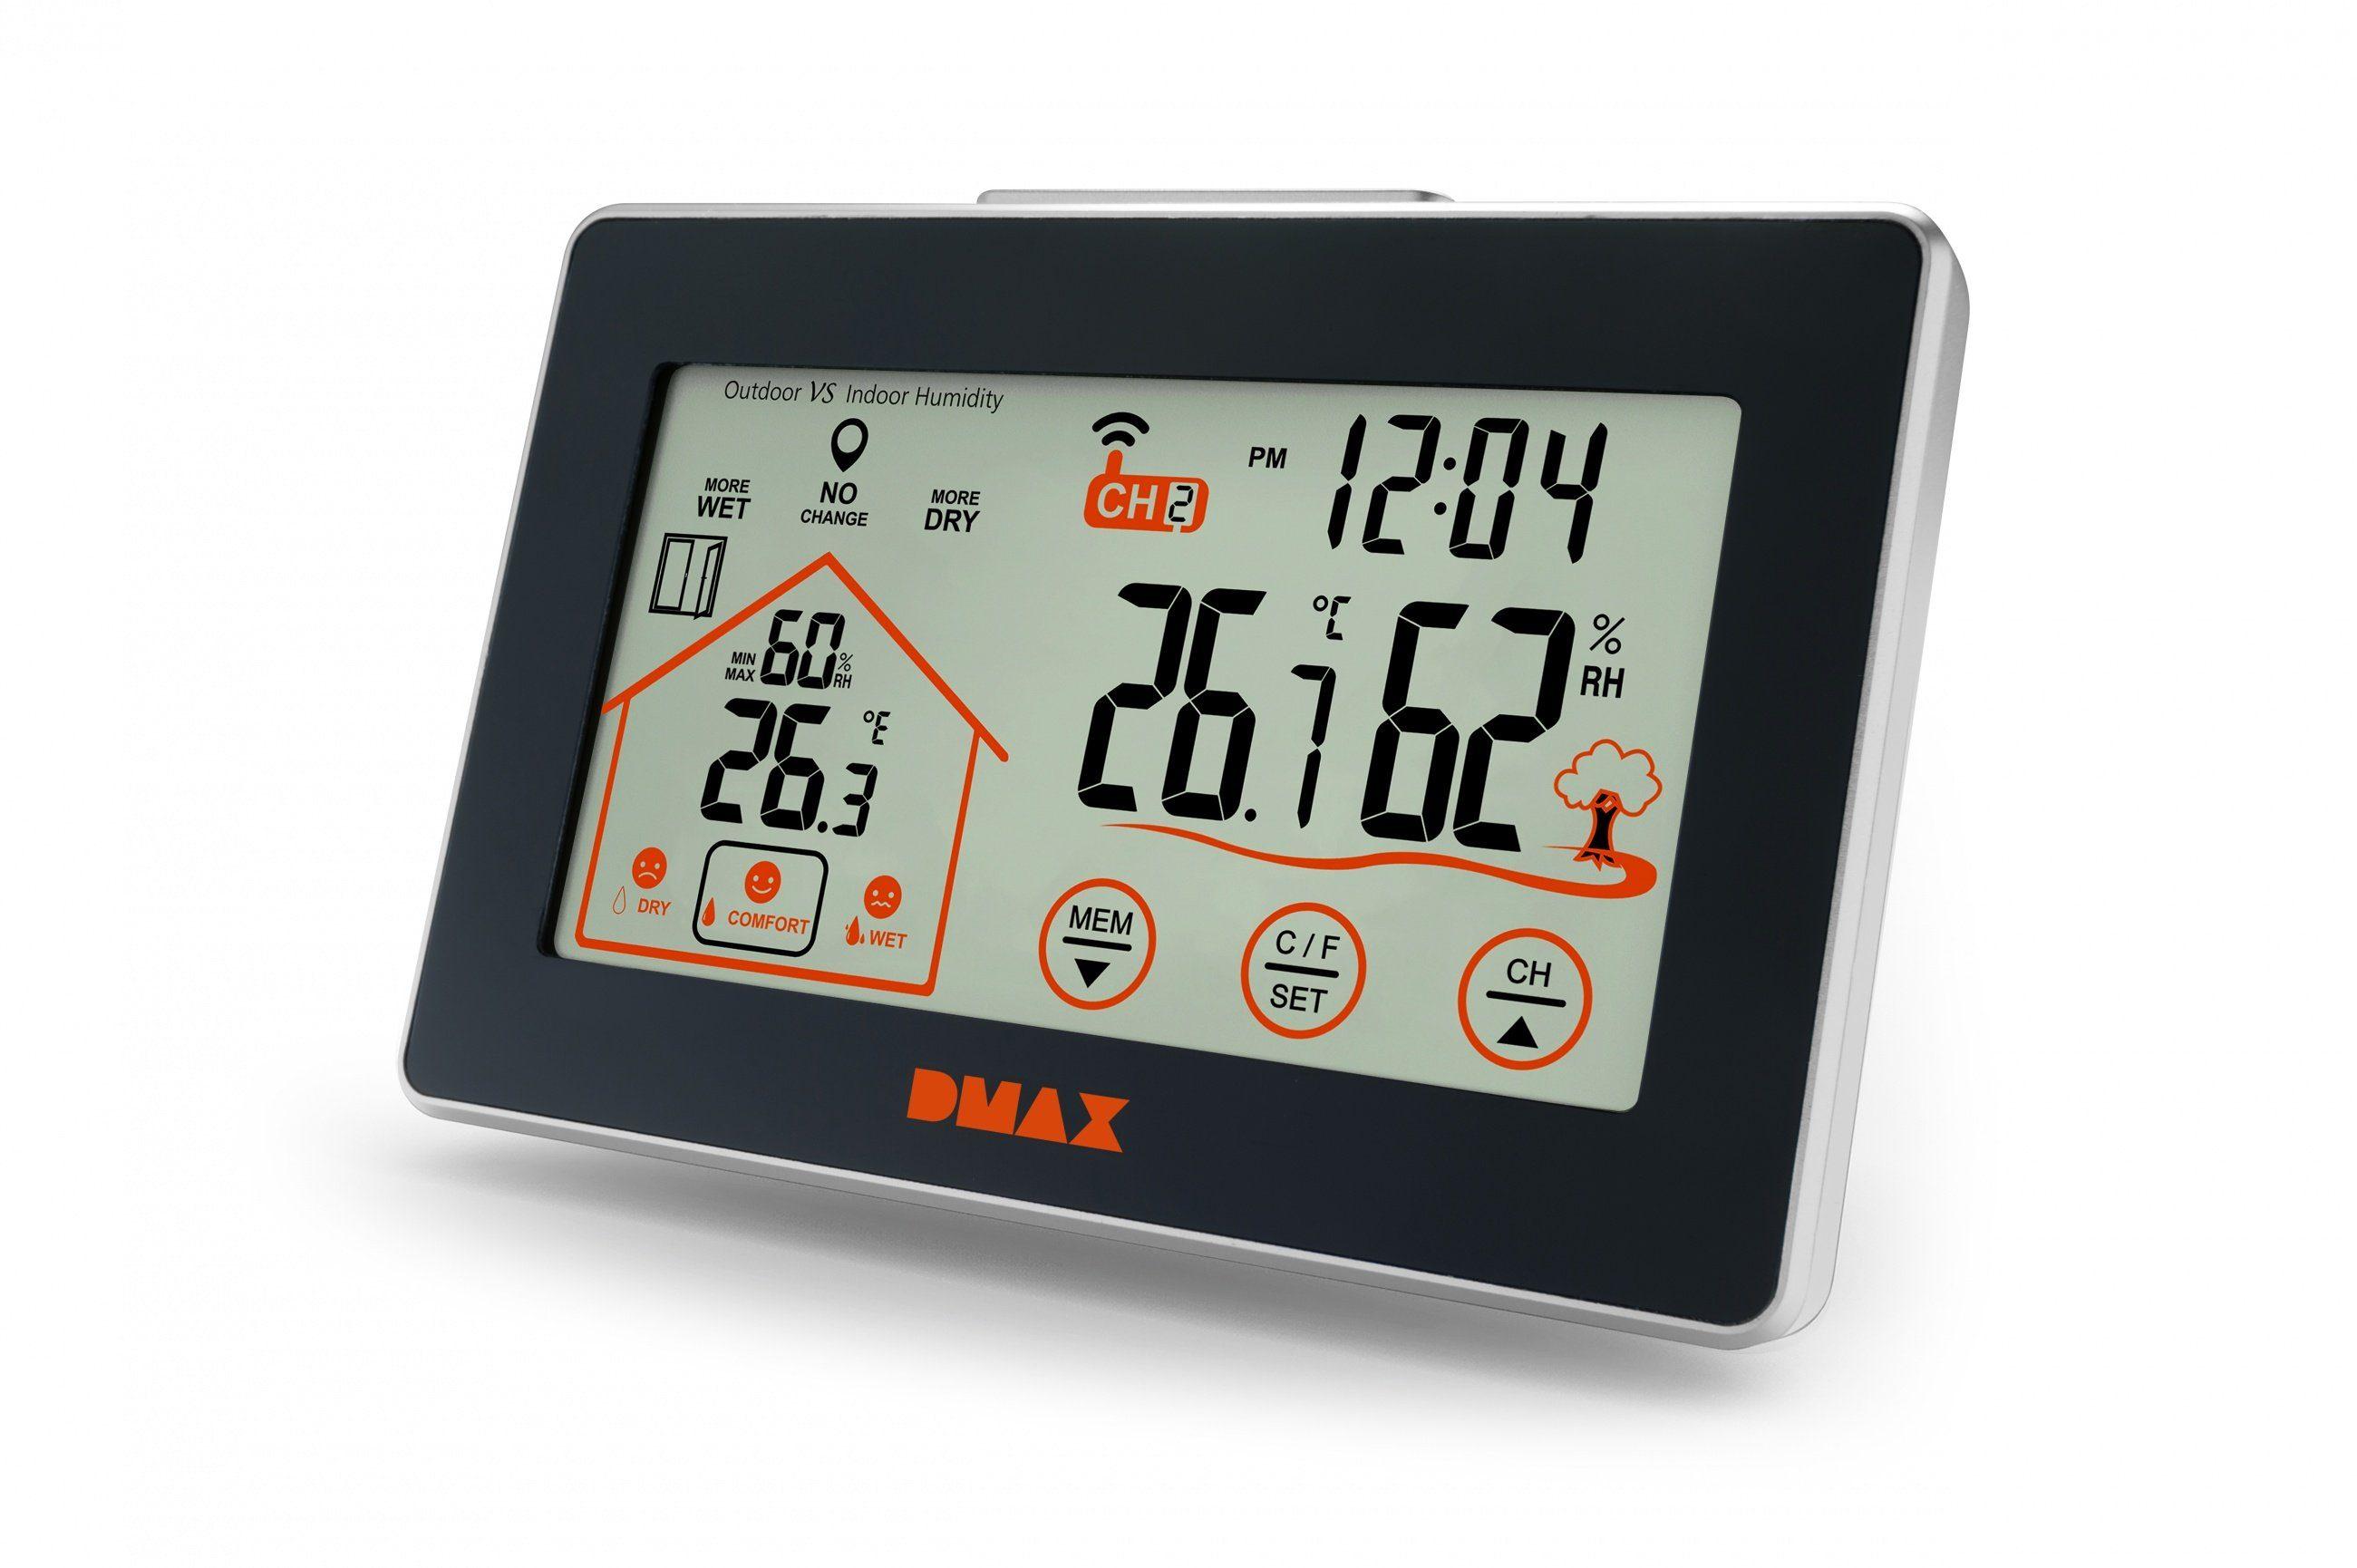 Dmax Hygrometer »Temperatur & Hygro Station mit Lüftungsempfehlung«